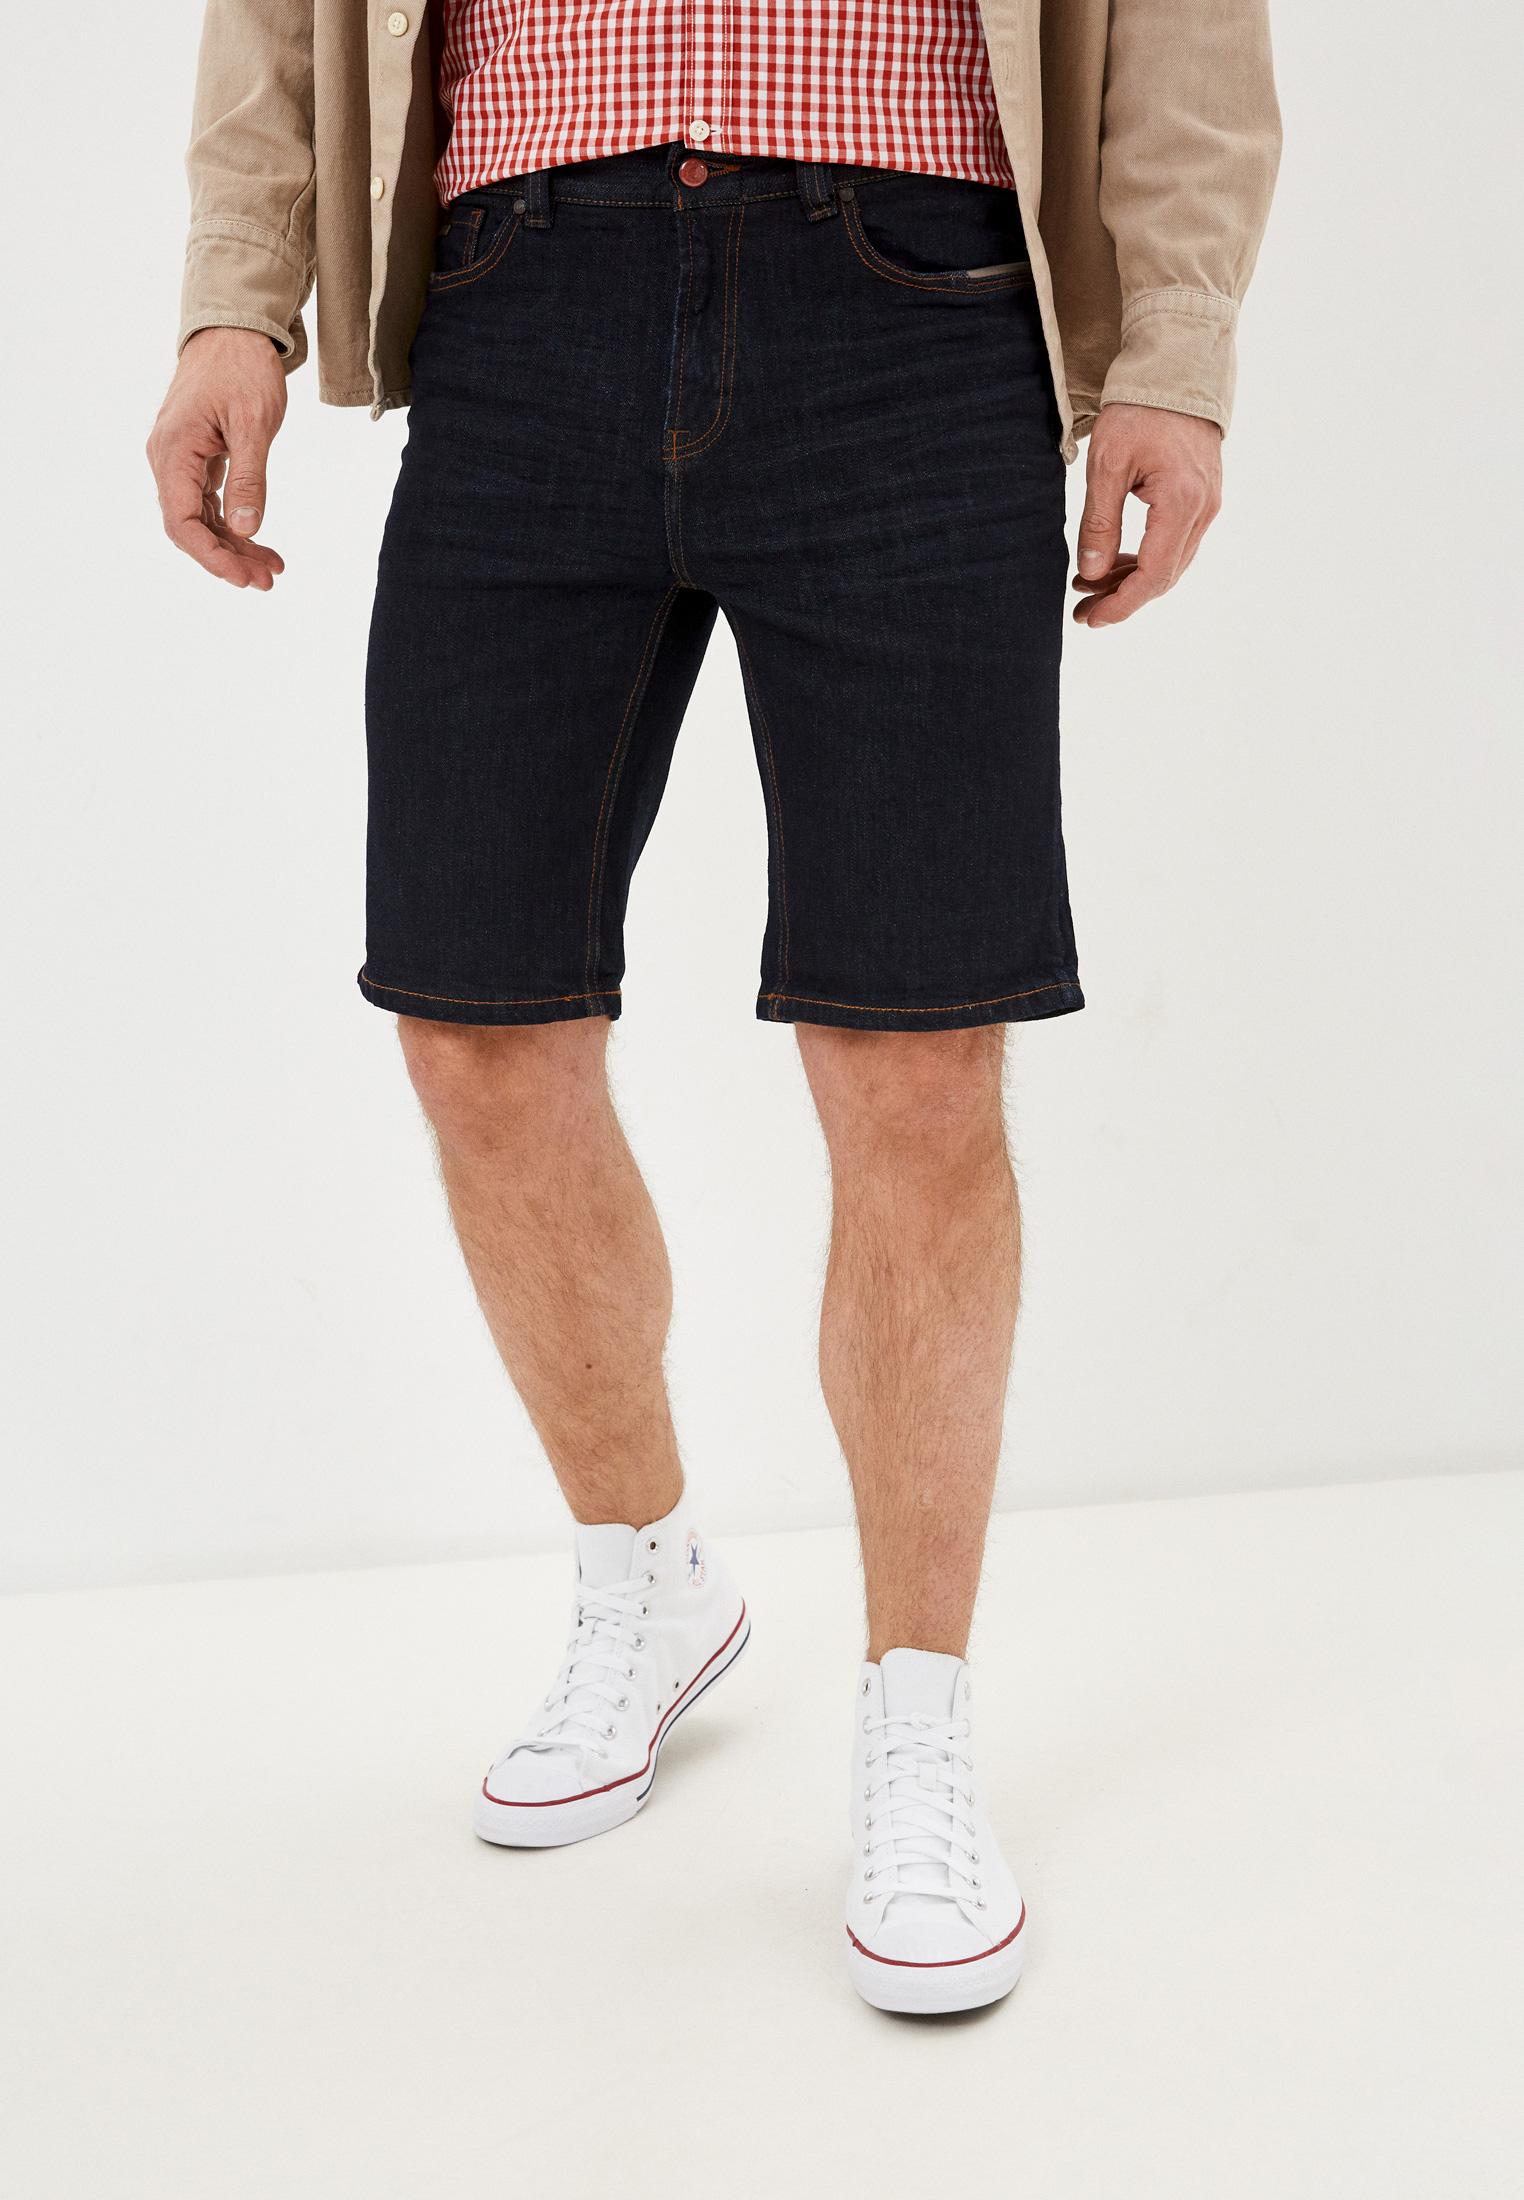 Мужские джинсовые шорты SPRINGFIELD Шорты джинсовые Springfield